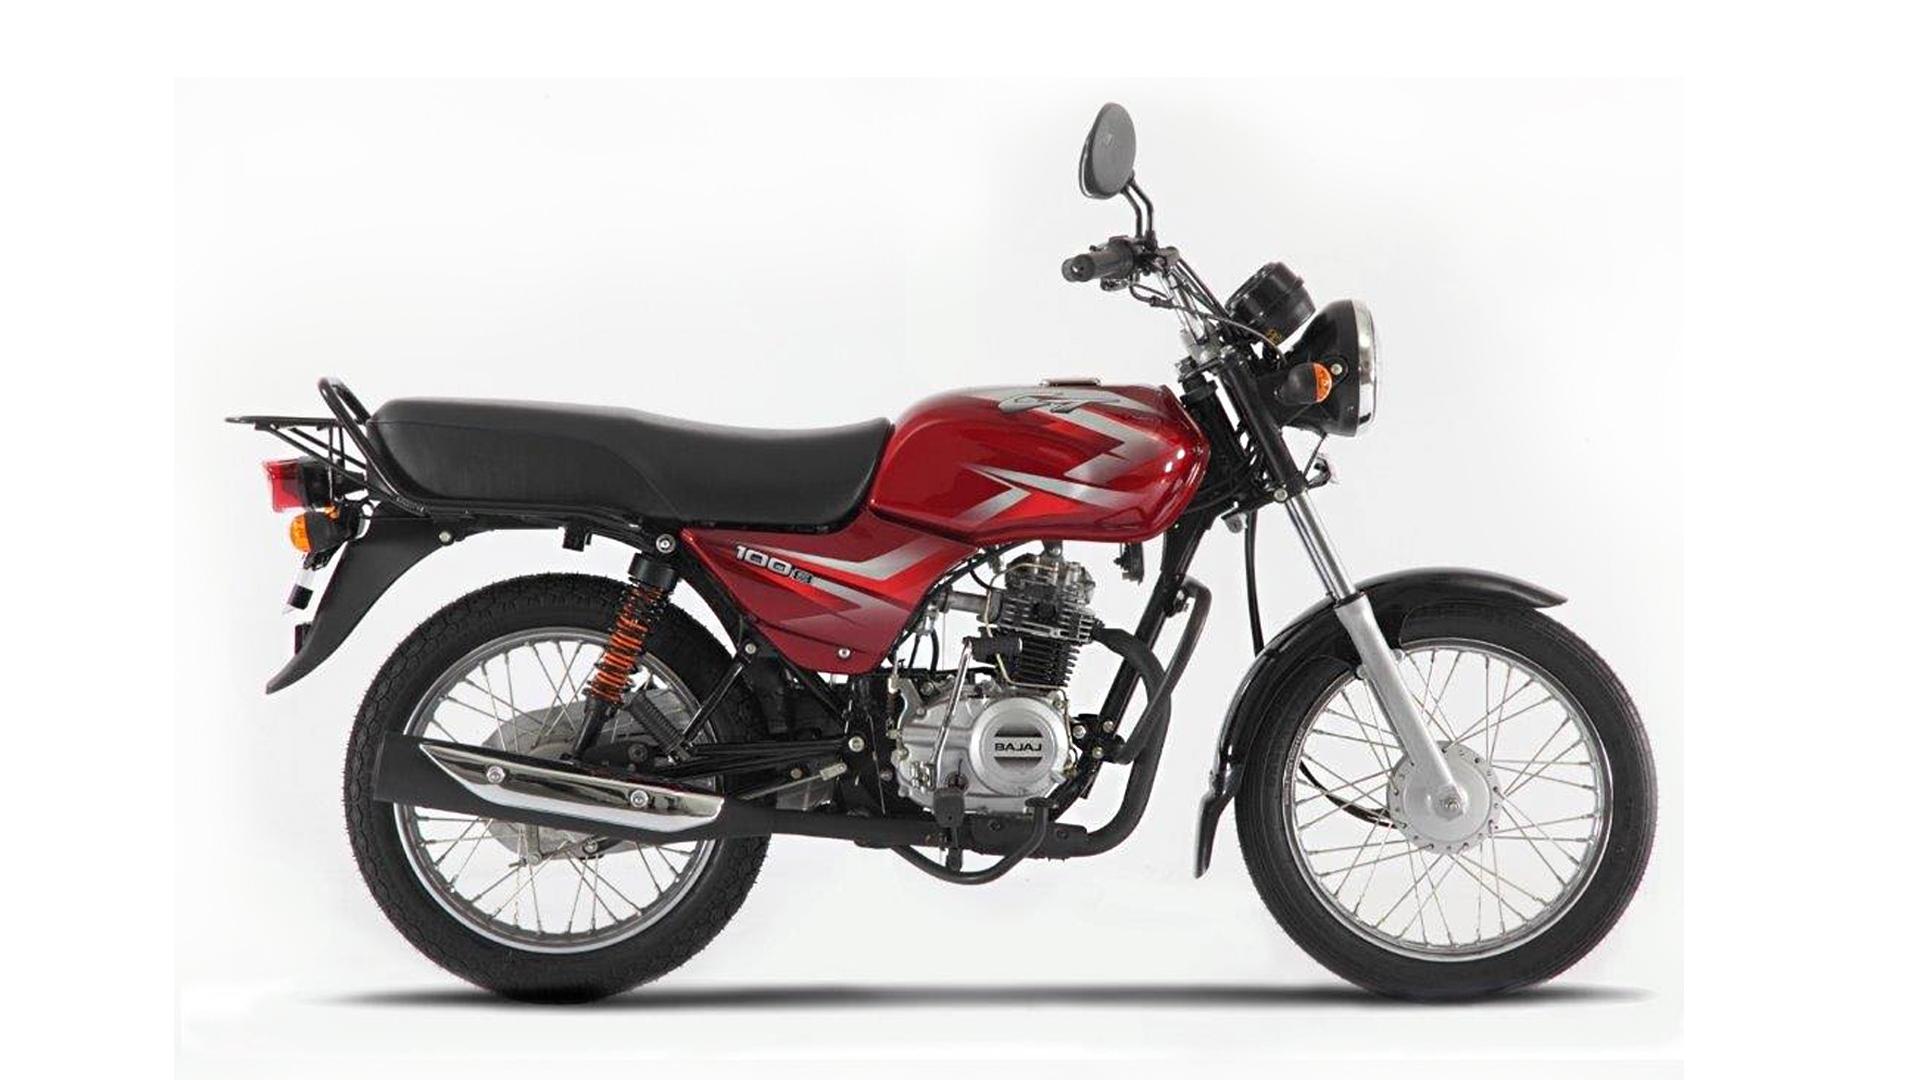 1975 Kawasaki 100 Wiring Diagram Wiring Library 1980 Kawasaki 100Cc 1975  Kawasaki G5 100 Wiring Diagram